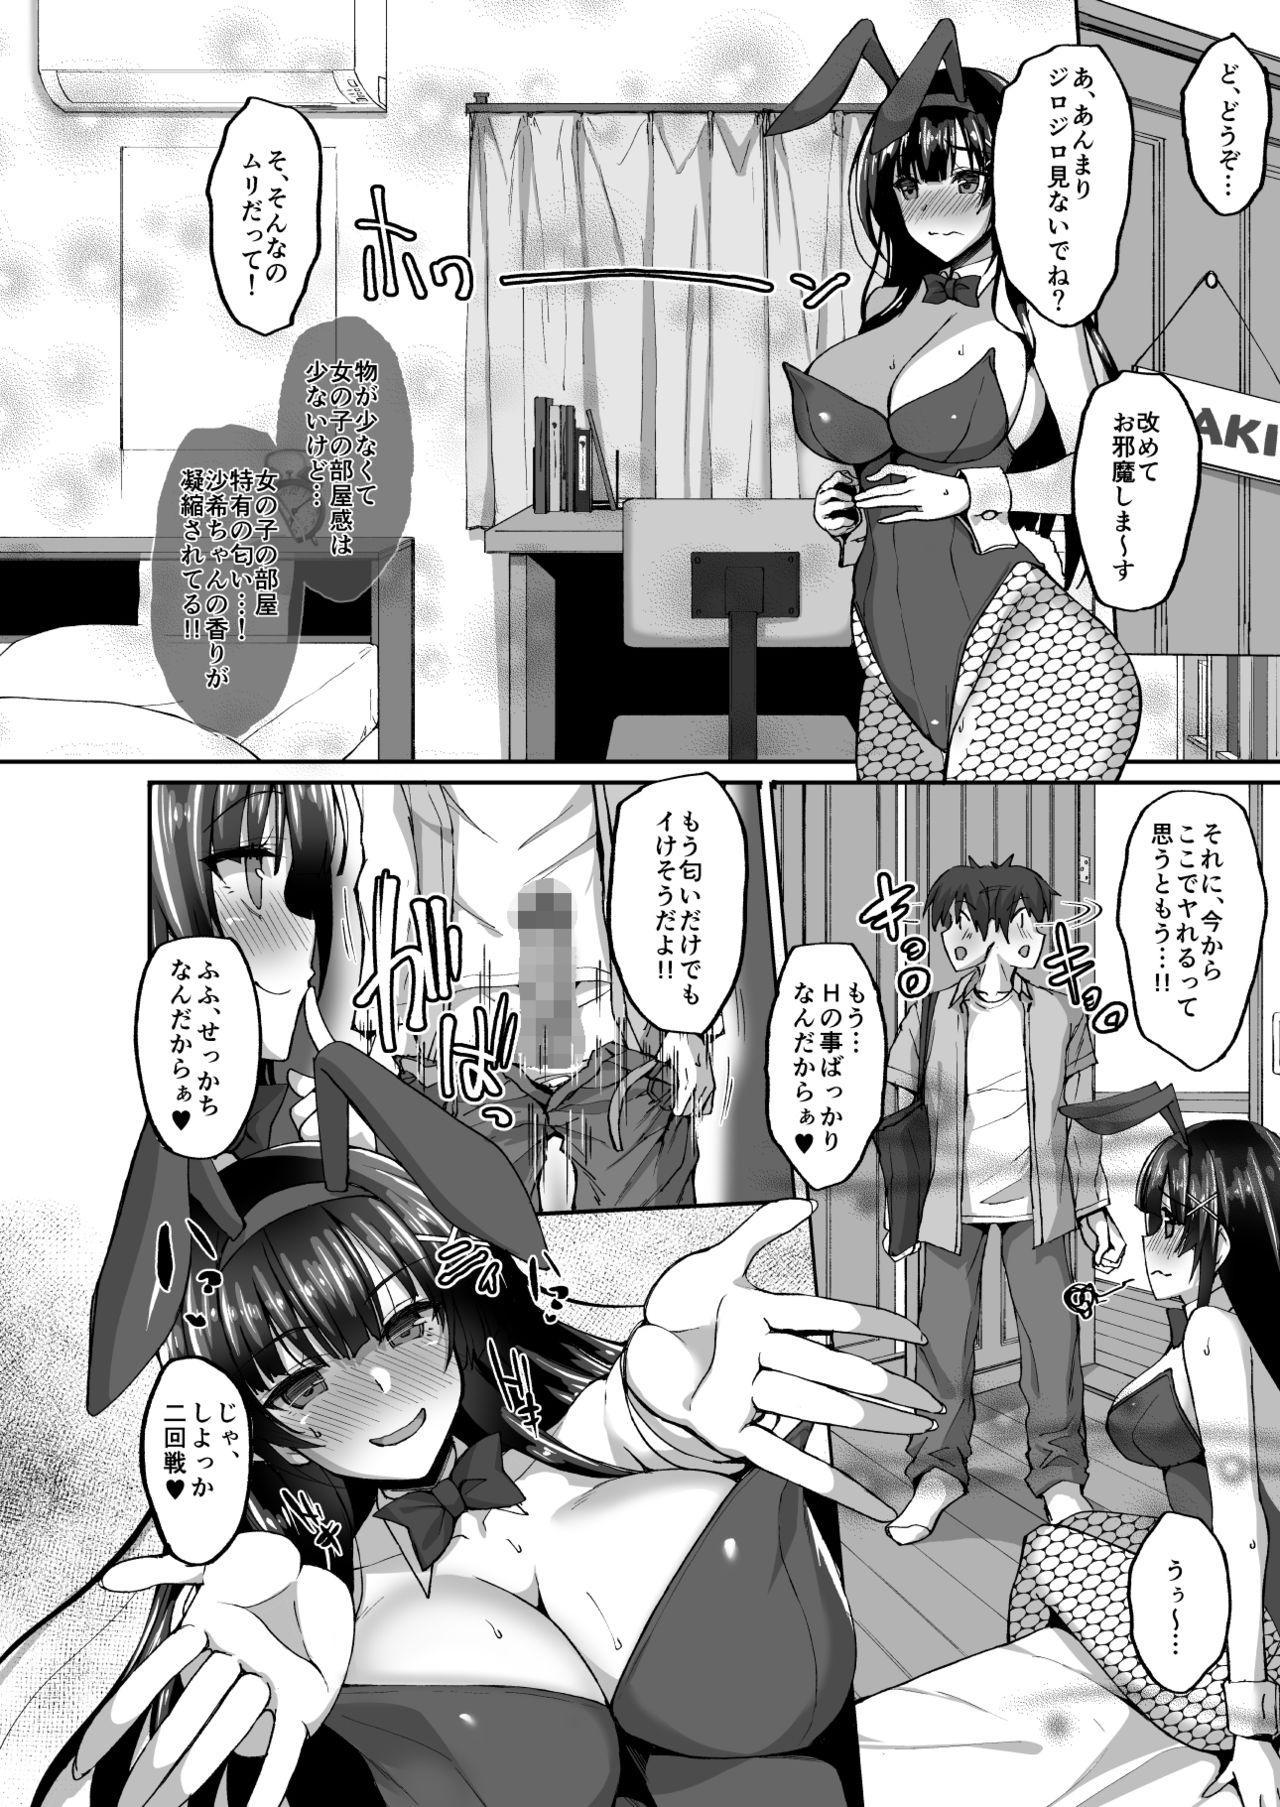 [Labomagi! (Takeda Aranobu)] CHI(SHIRI)SHOJOFUKIIIN no MINNA ni IENAI INBI na ONEGAI 3 ~Asai Saki no Oshiri Kaihatsu Shuukan to Kanojo no Heya de Hajimete no Anal SEX~ [Digital] 22